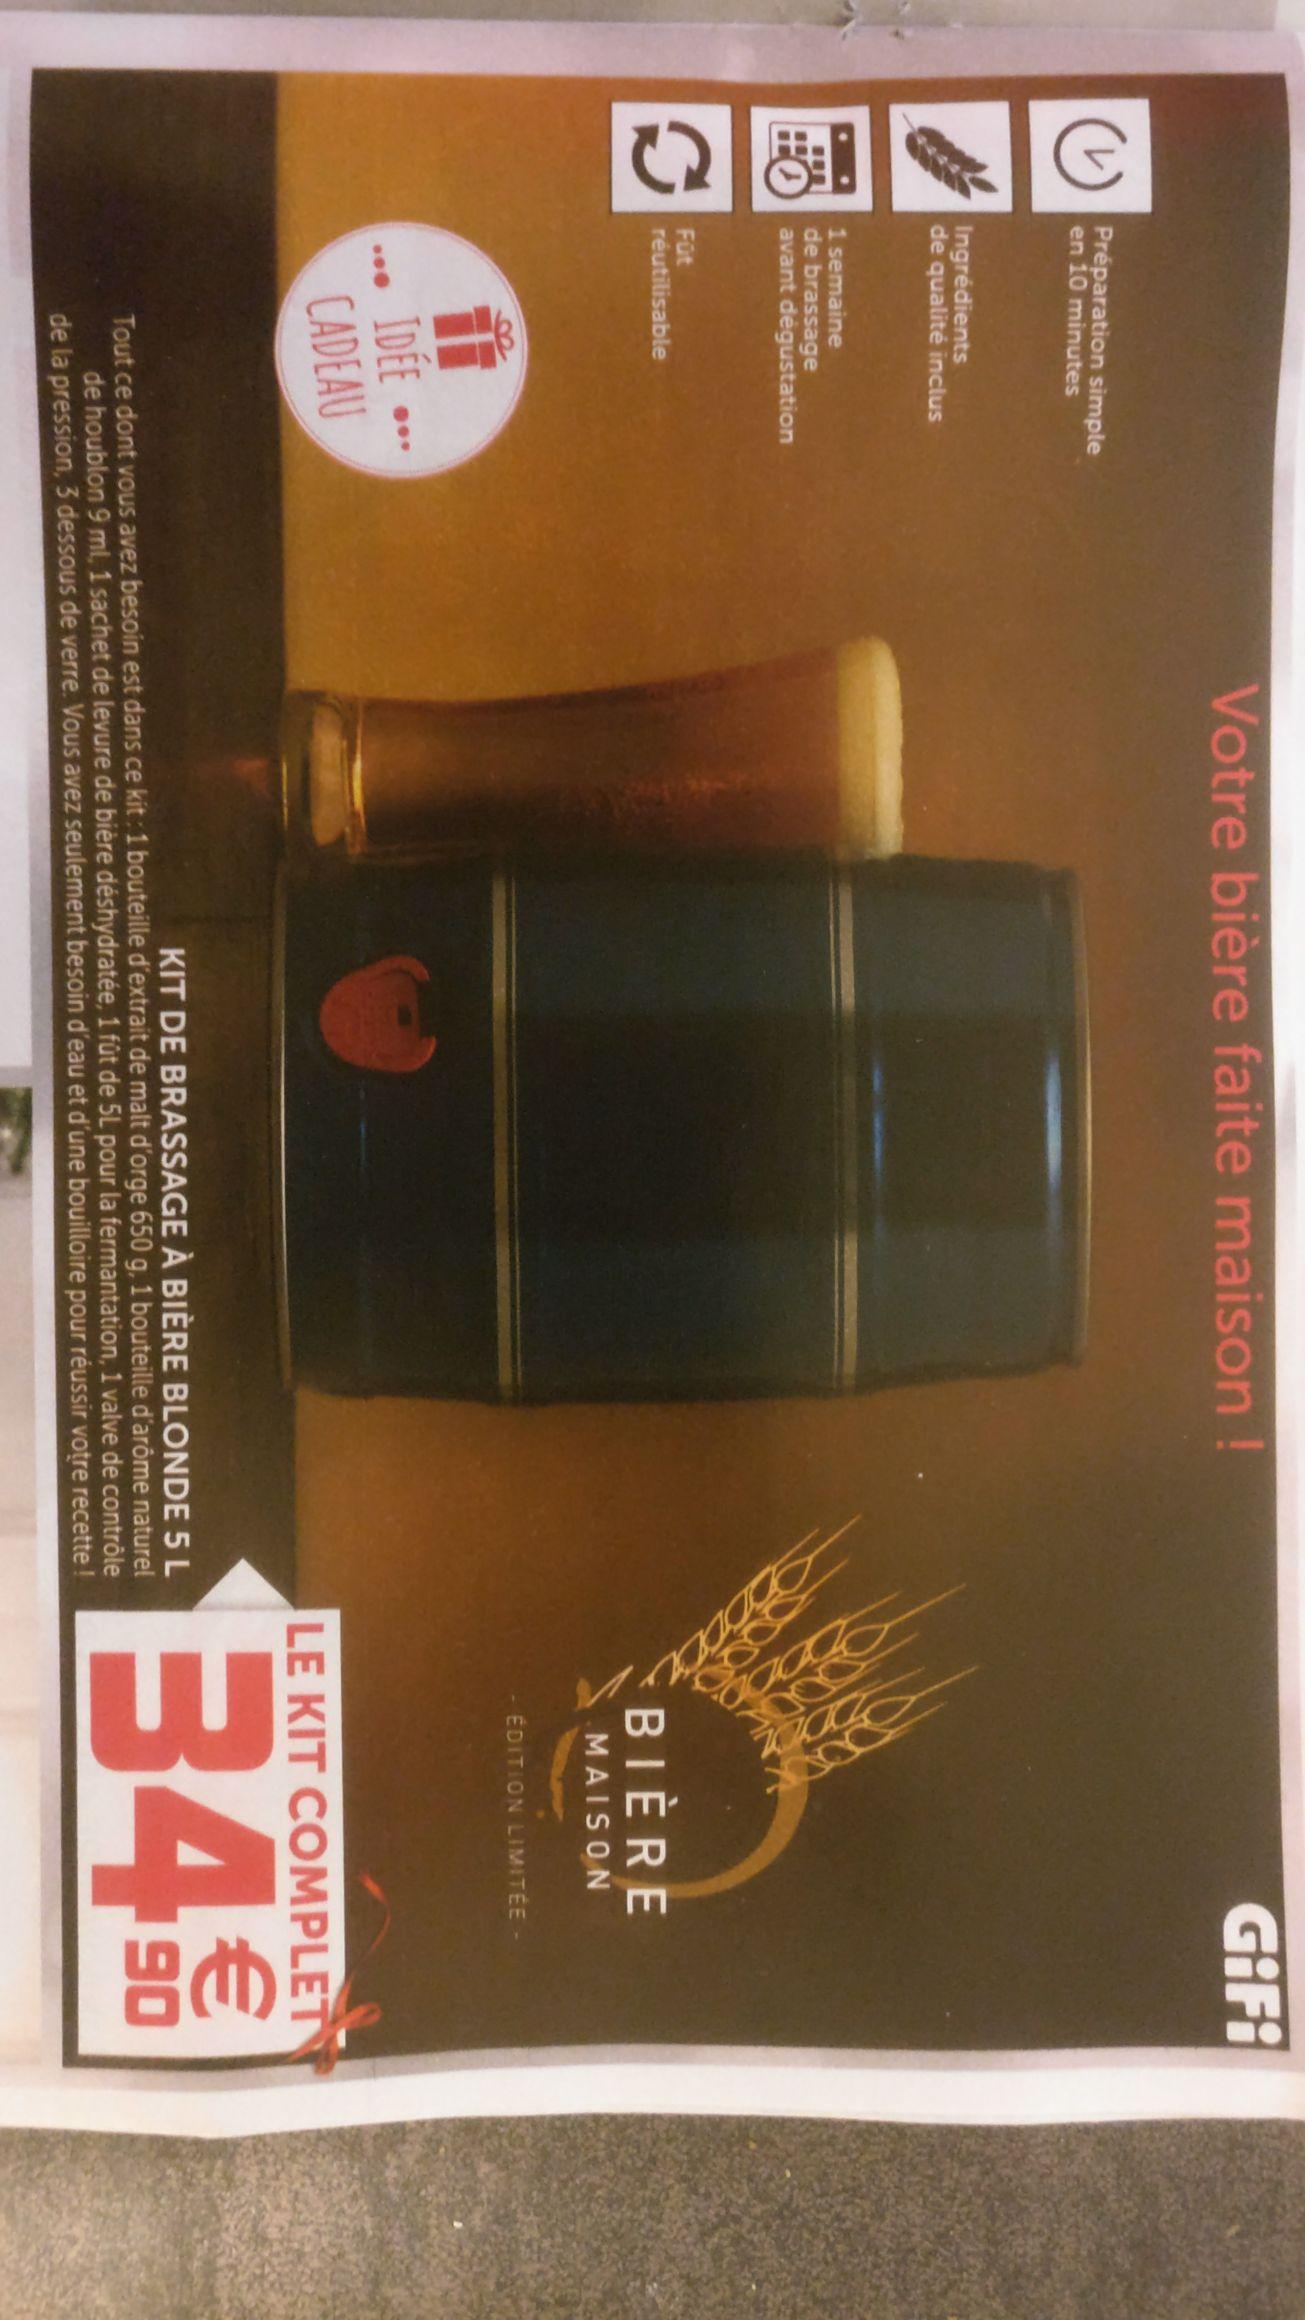 Kit de brassage de bière